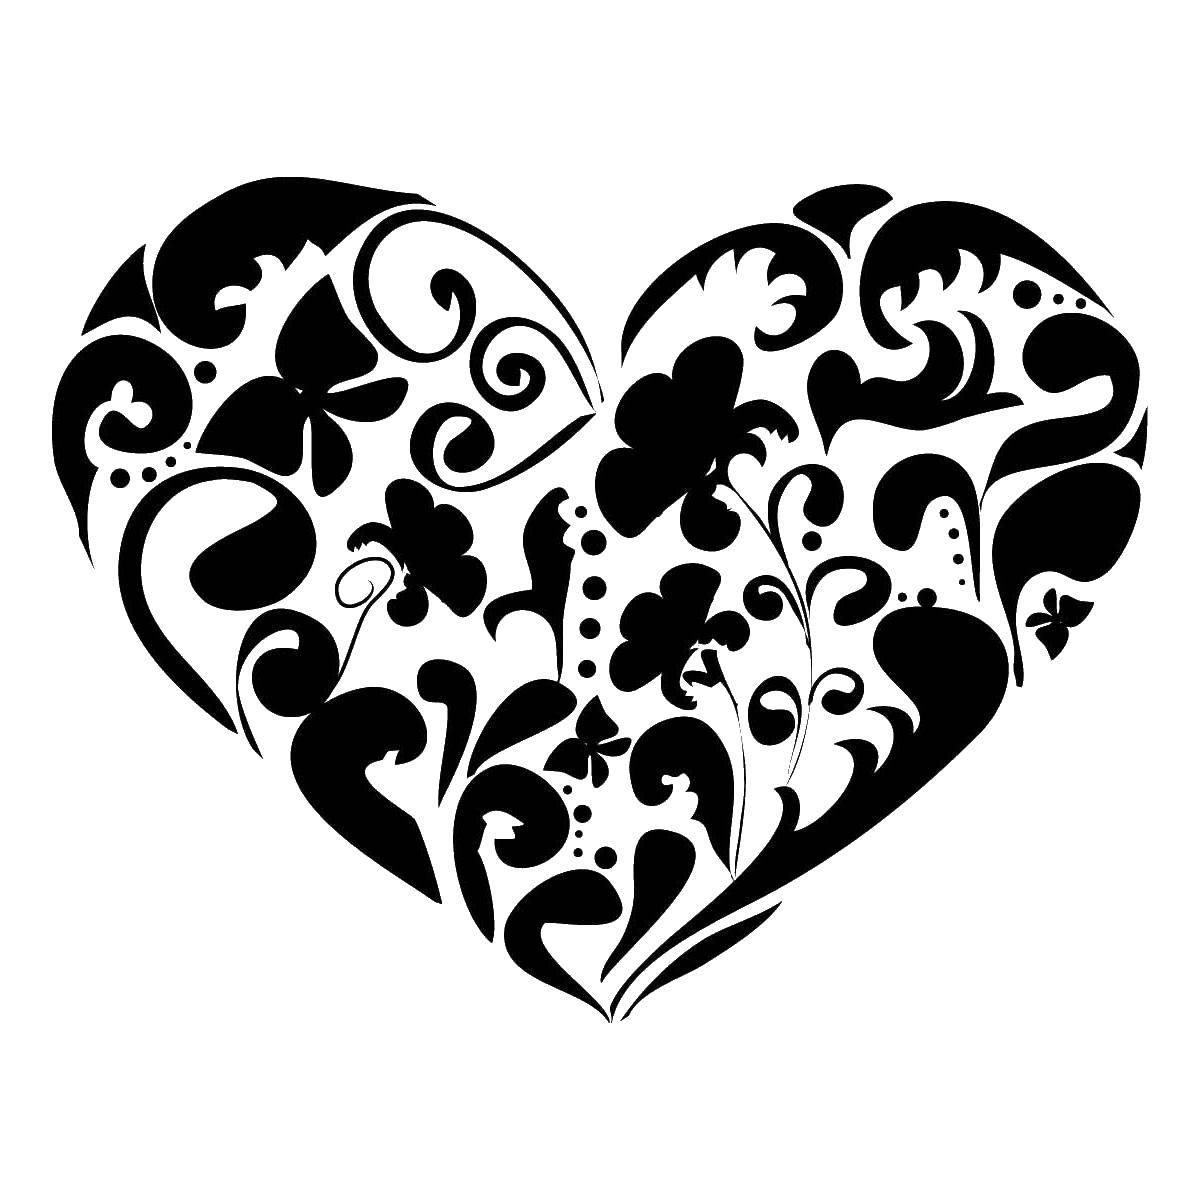 бюгельной рисовать картинки сердечки с узорами михайлов стал